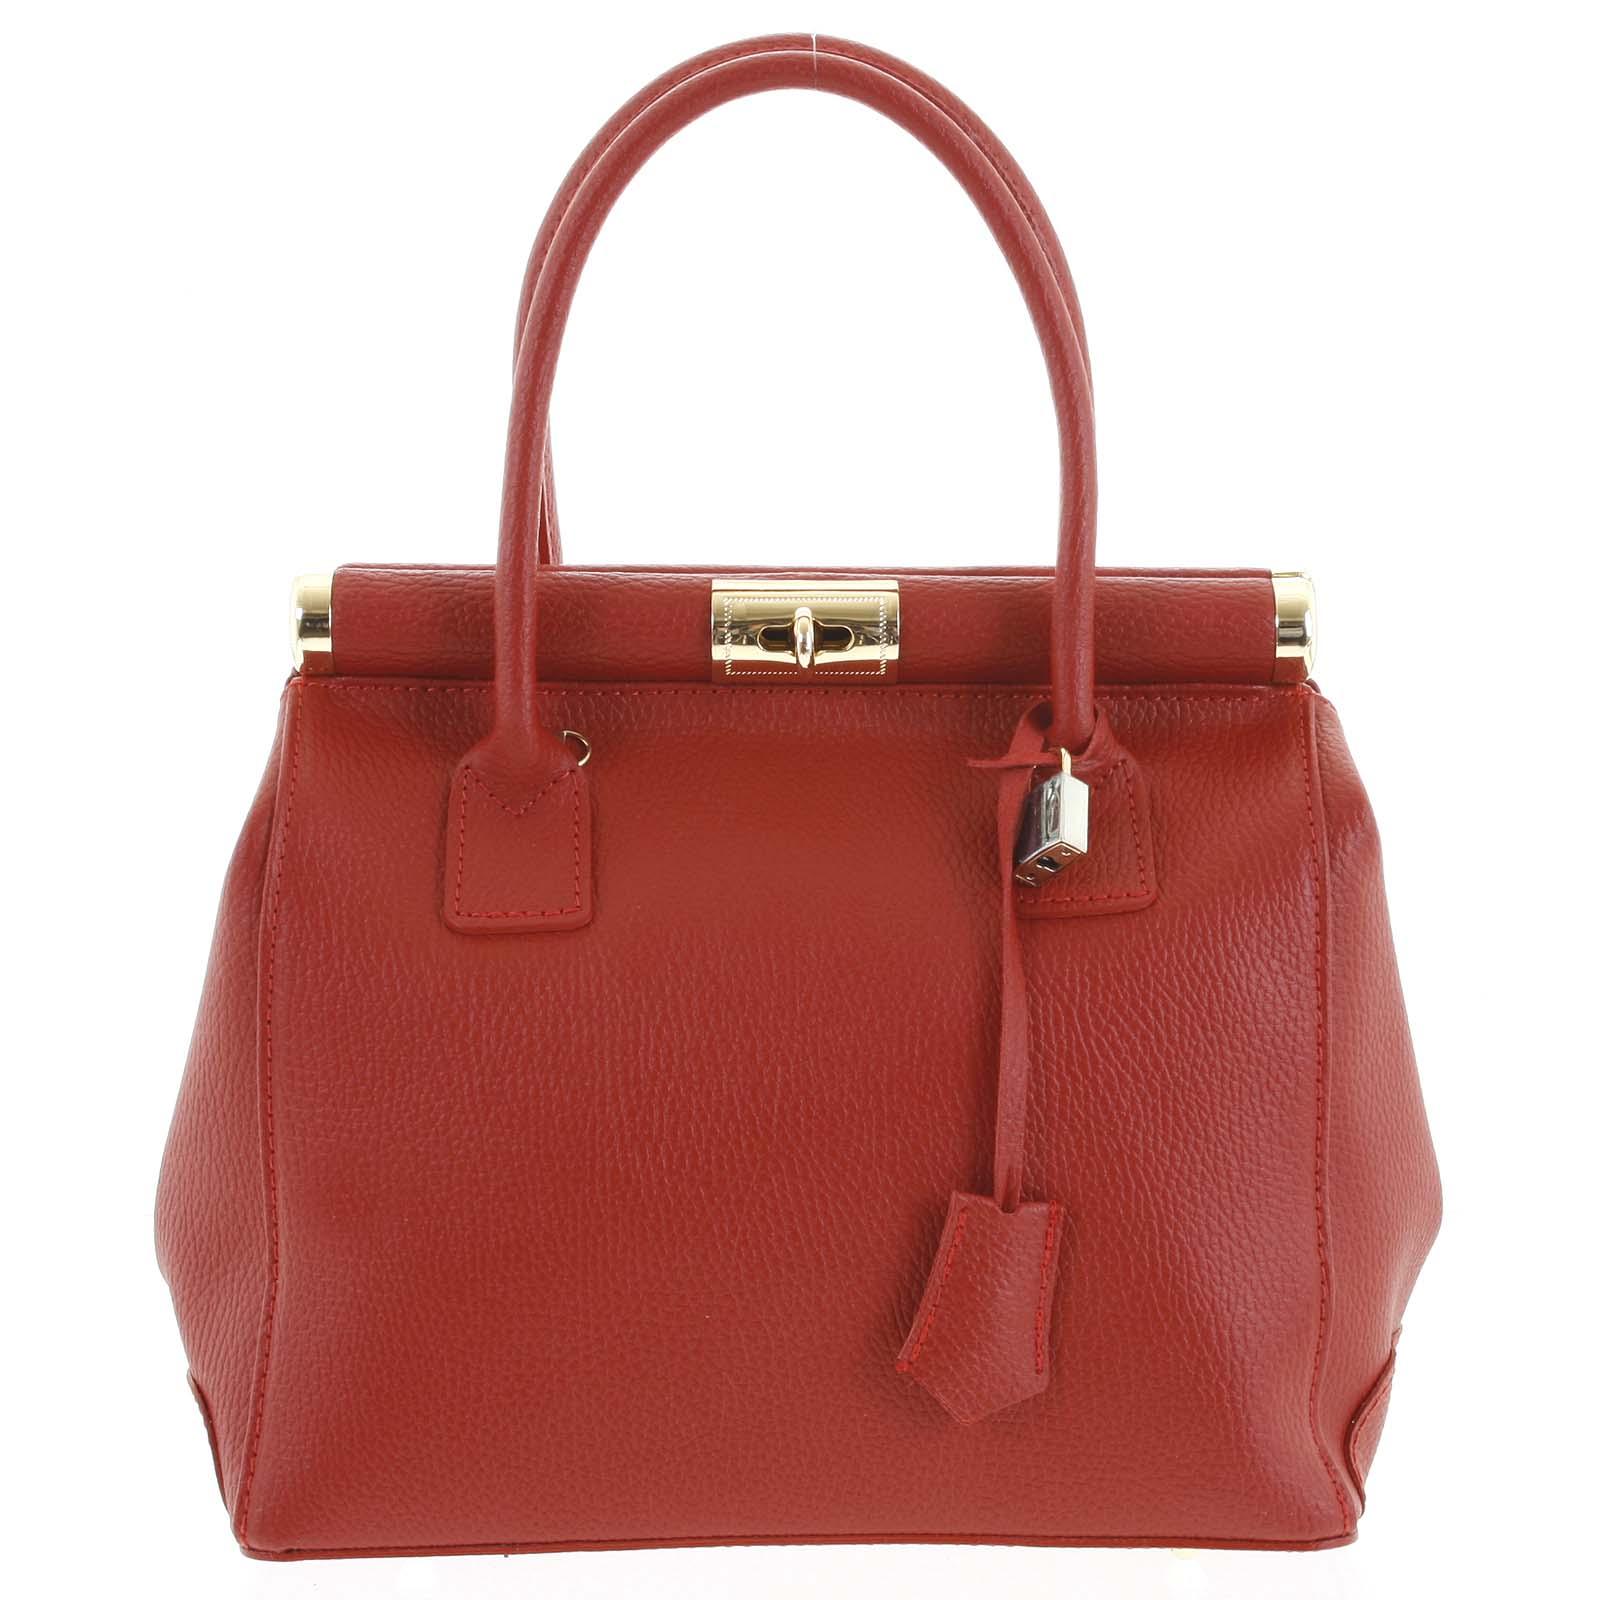 Luxusní dámská kožená kabelka do ruky červená - ItalY Hyla